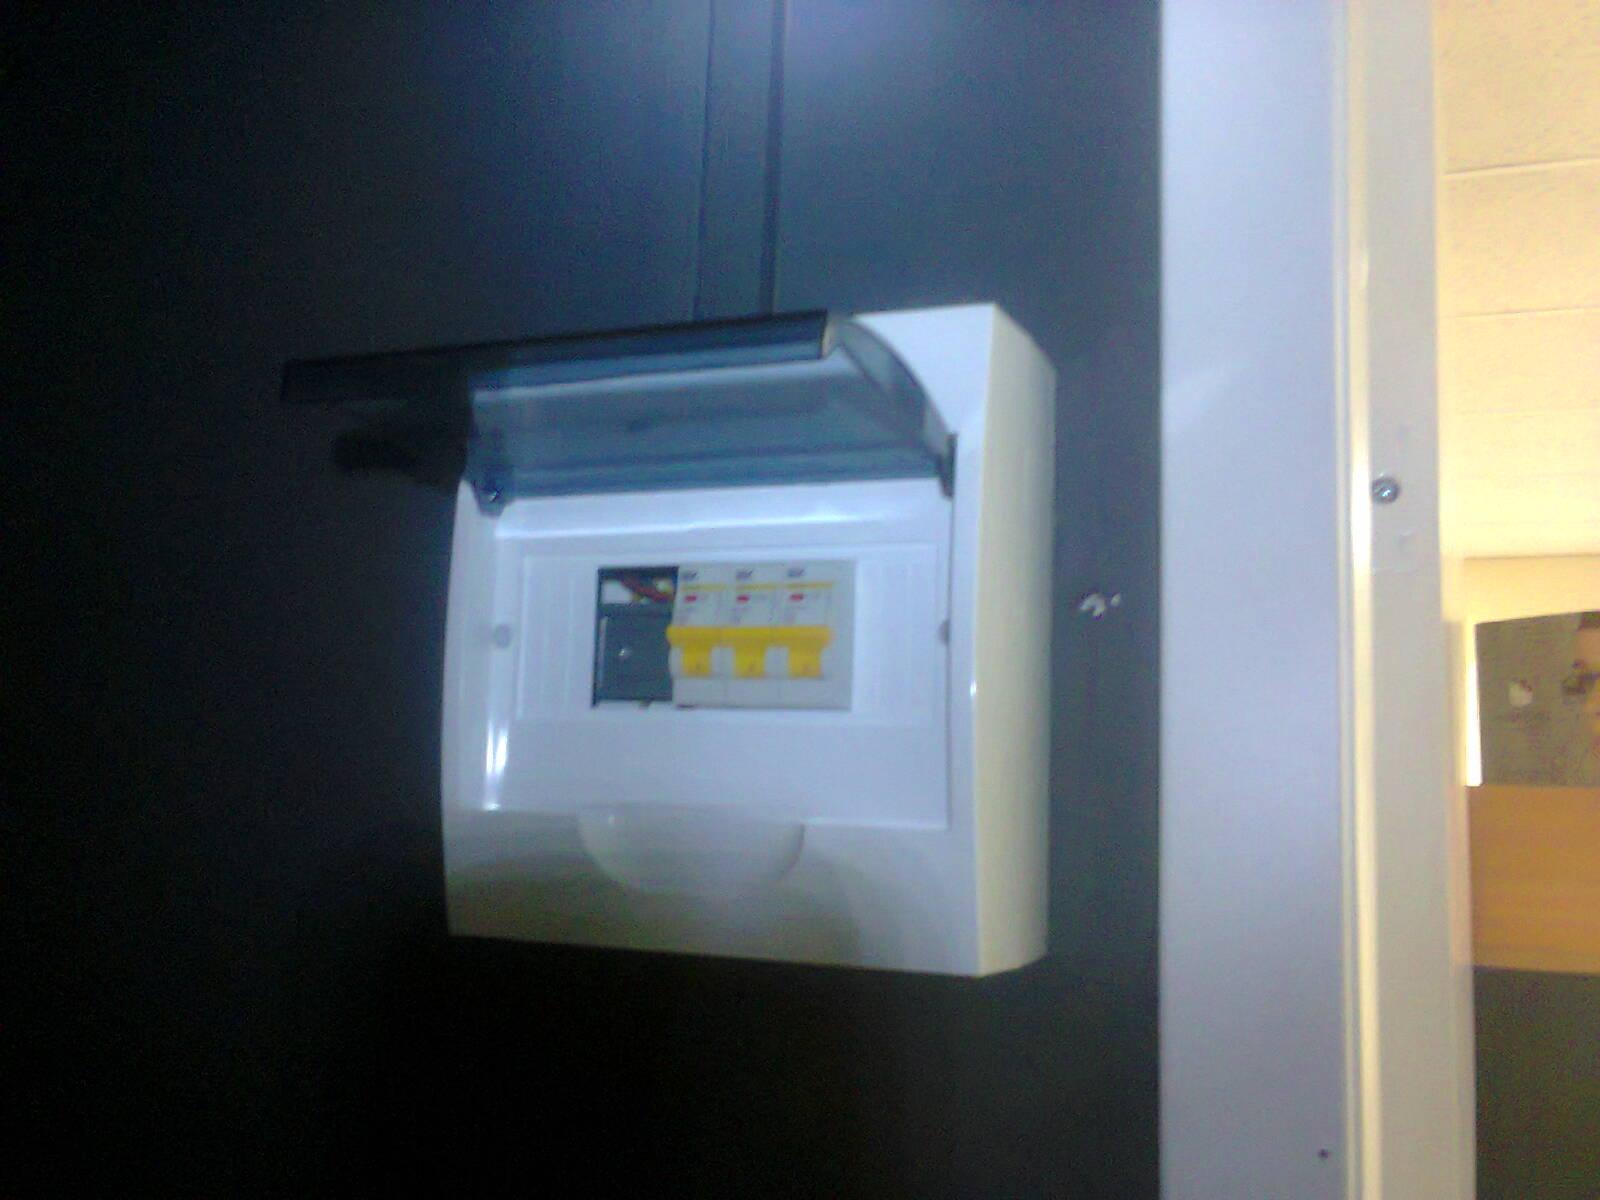 Срочный вызов электрика аварийной службы в кафетерий из-за короткого замыкания в патроне лампы Эдисона